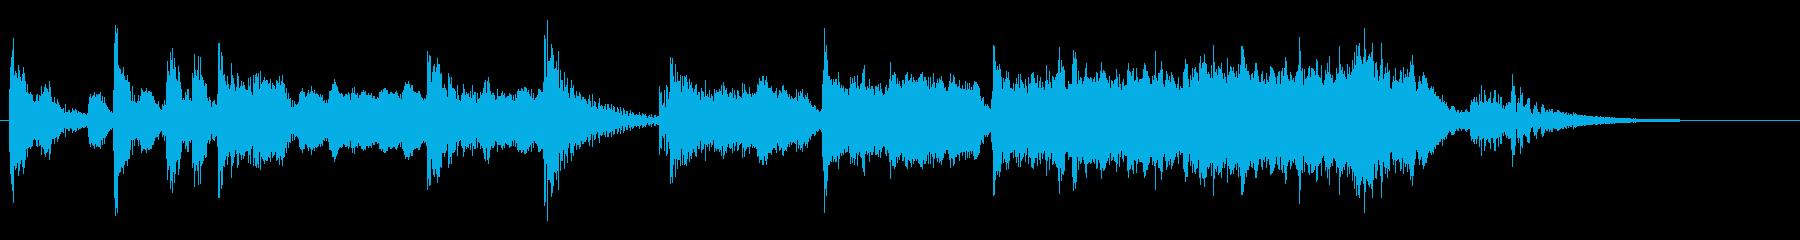 演歌な ジングル アイキャッチ 1の再生済みの波形